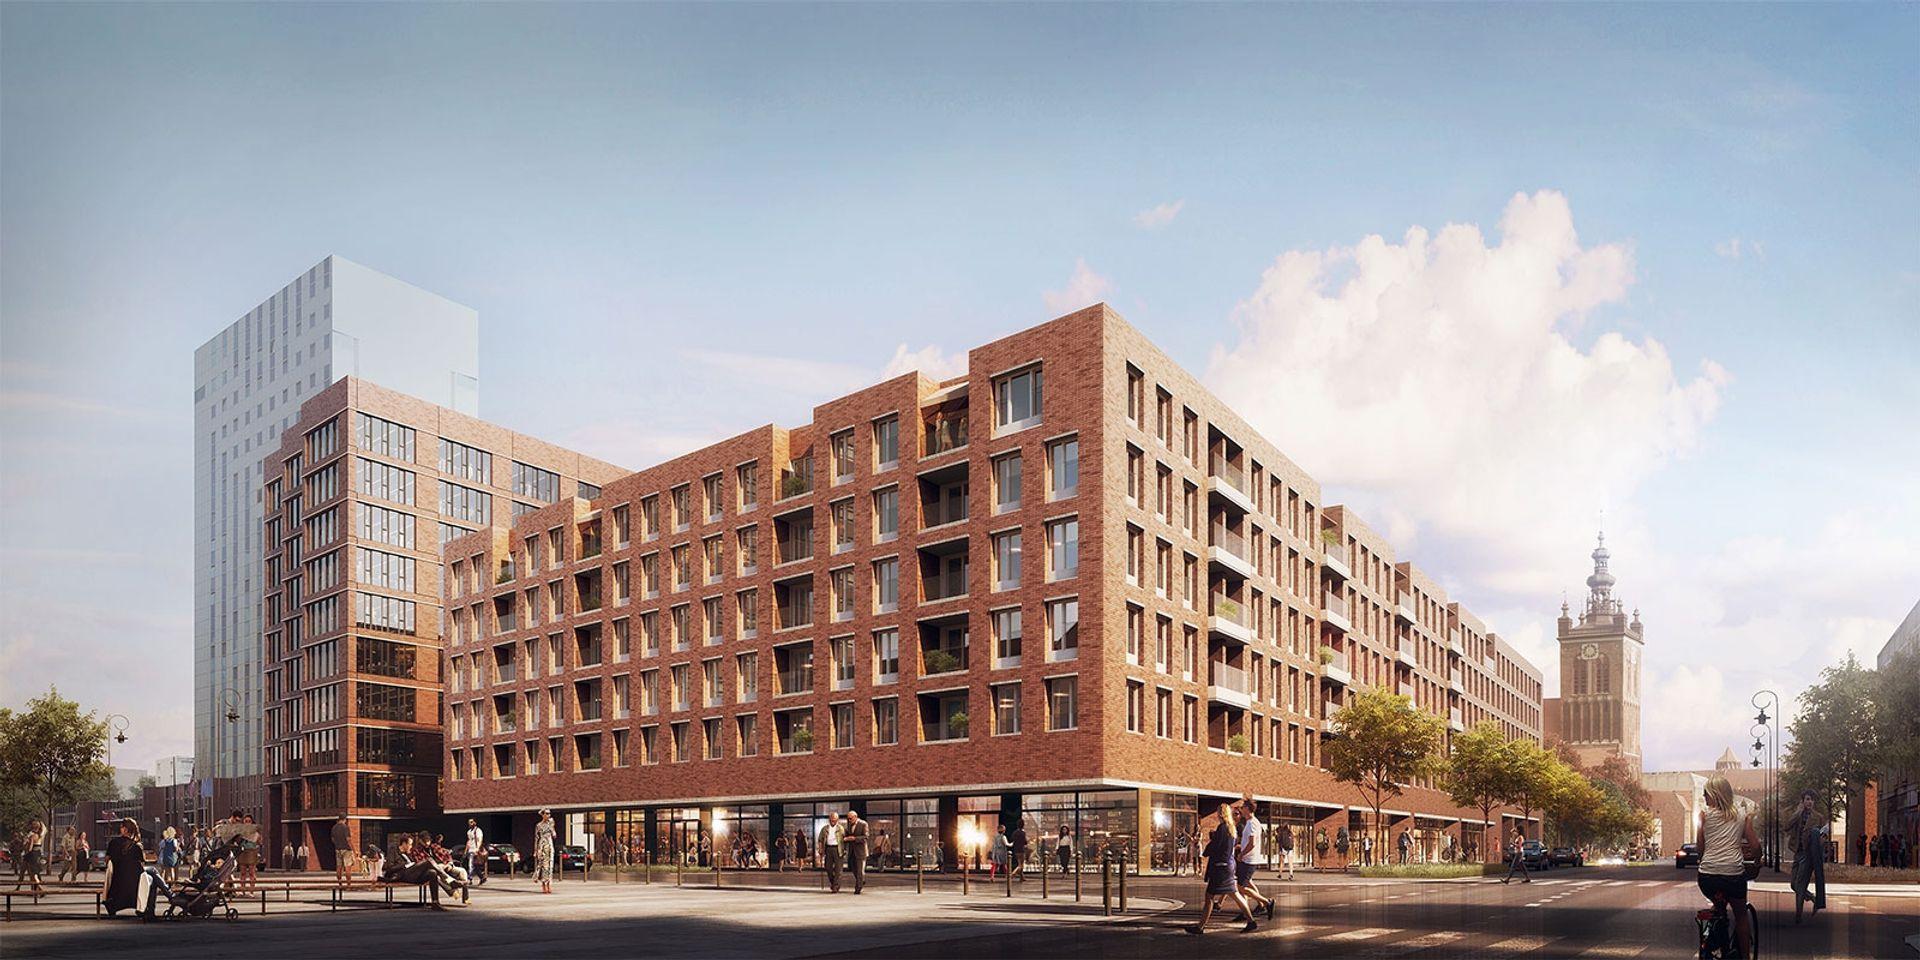 [Gdańsk] Rajska 8: rusza sprzedaż mieszkań – gdańska inwestycja z prawomocnym pozwoleniem na budowę